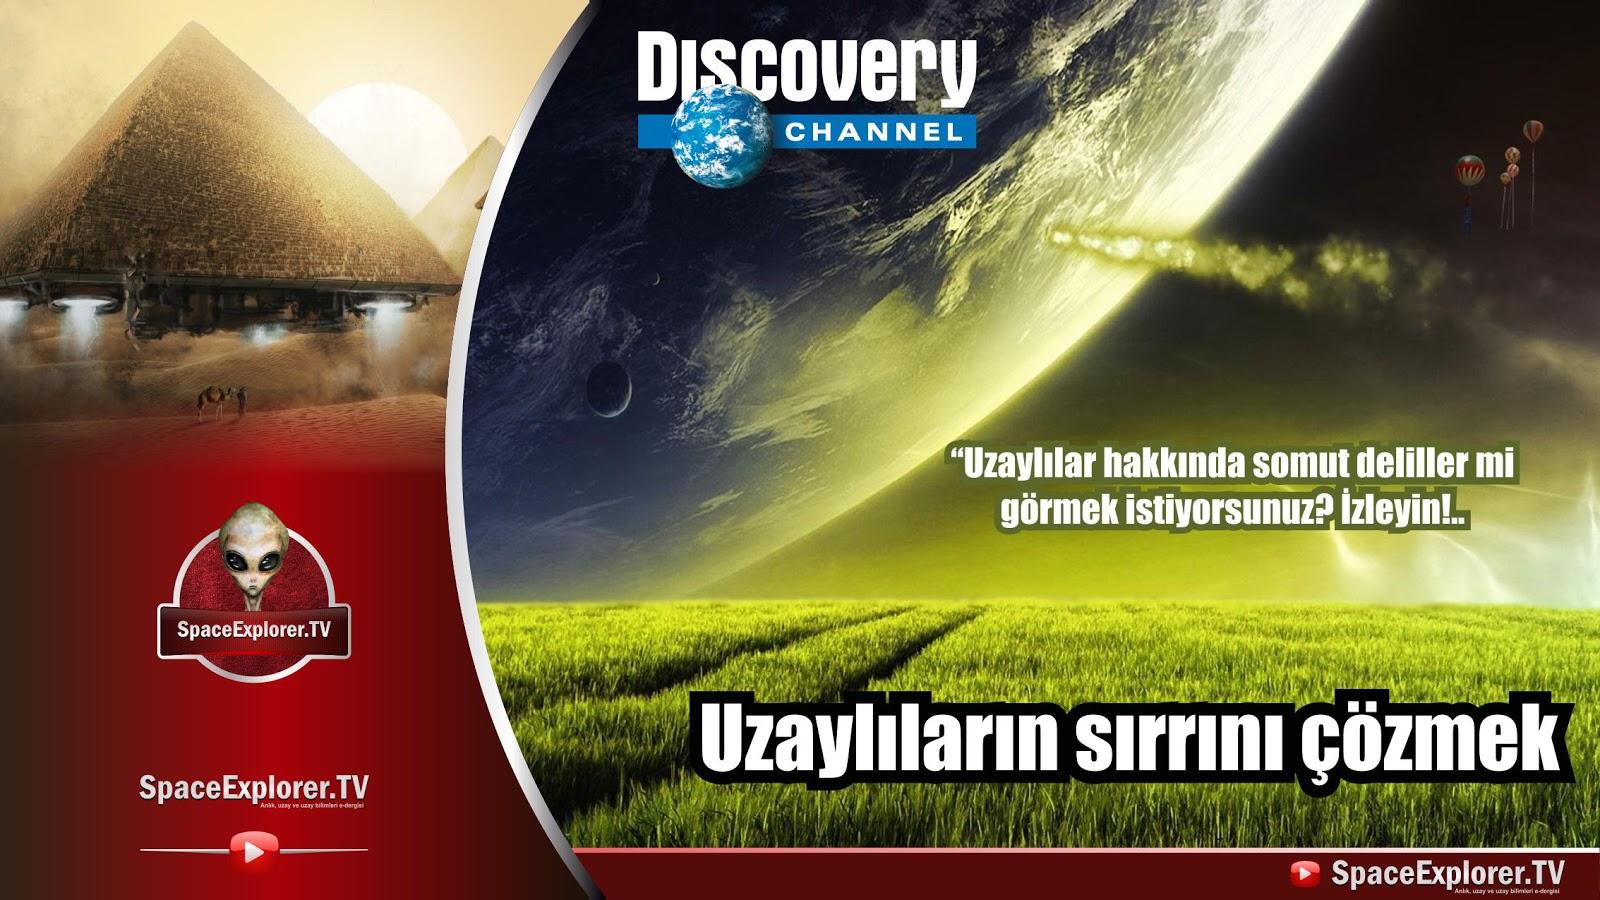 Uzaylıların sırrını çözmek - Discovery Channel Türkçe Belgesel [video]